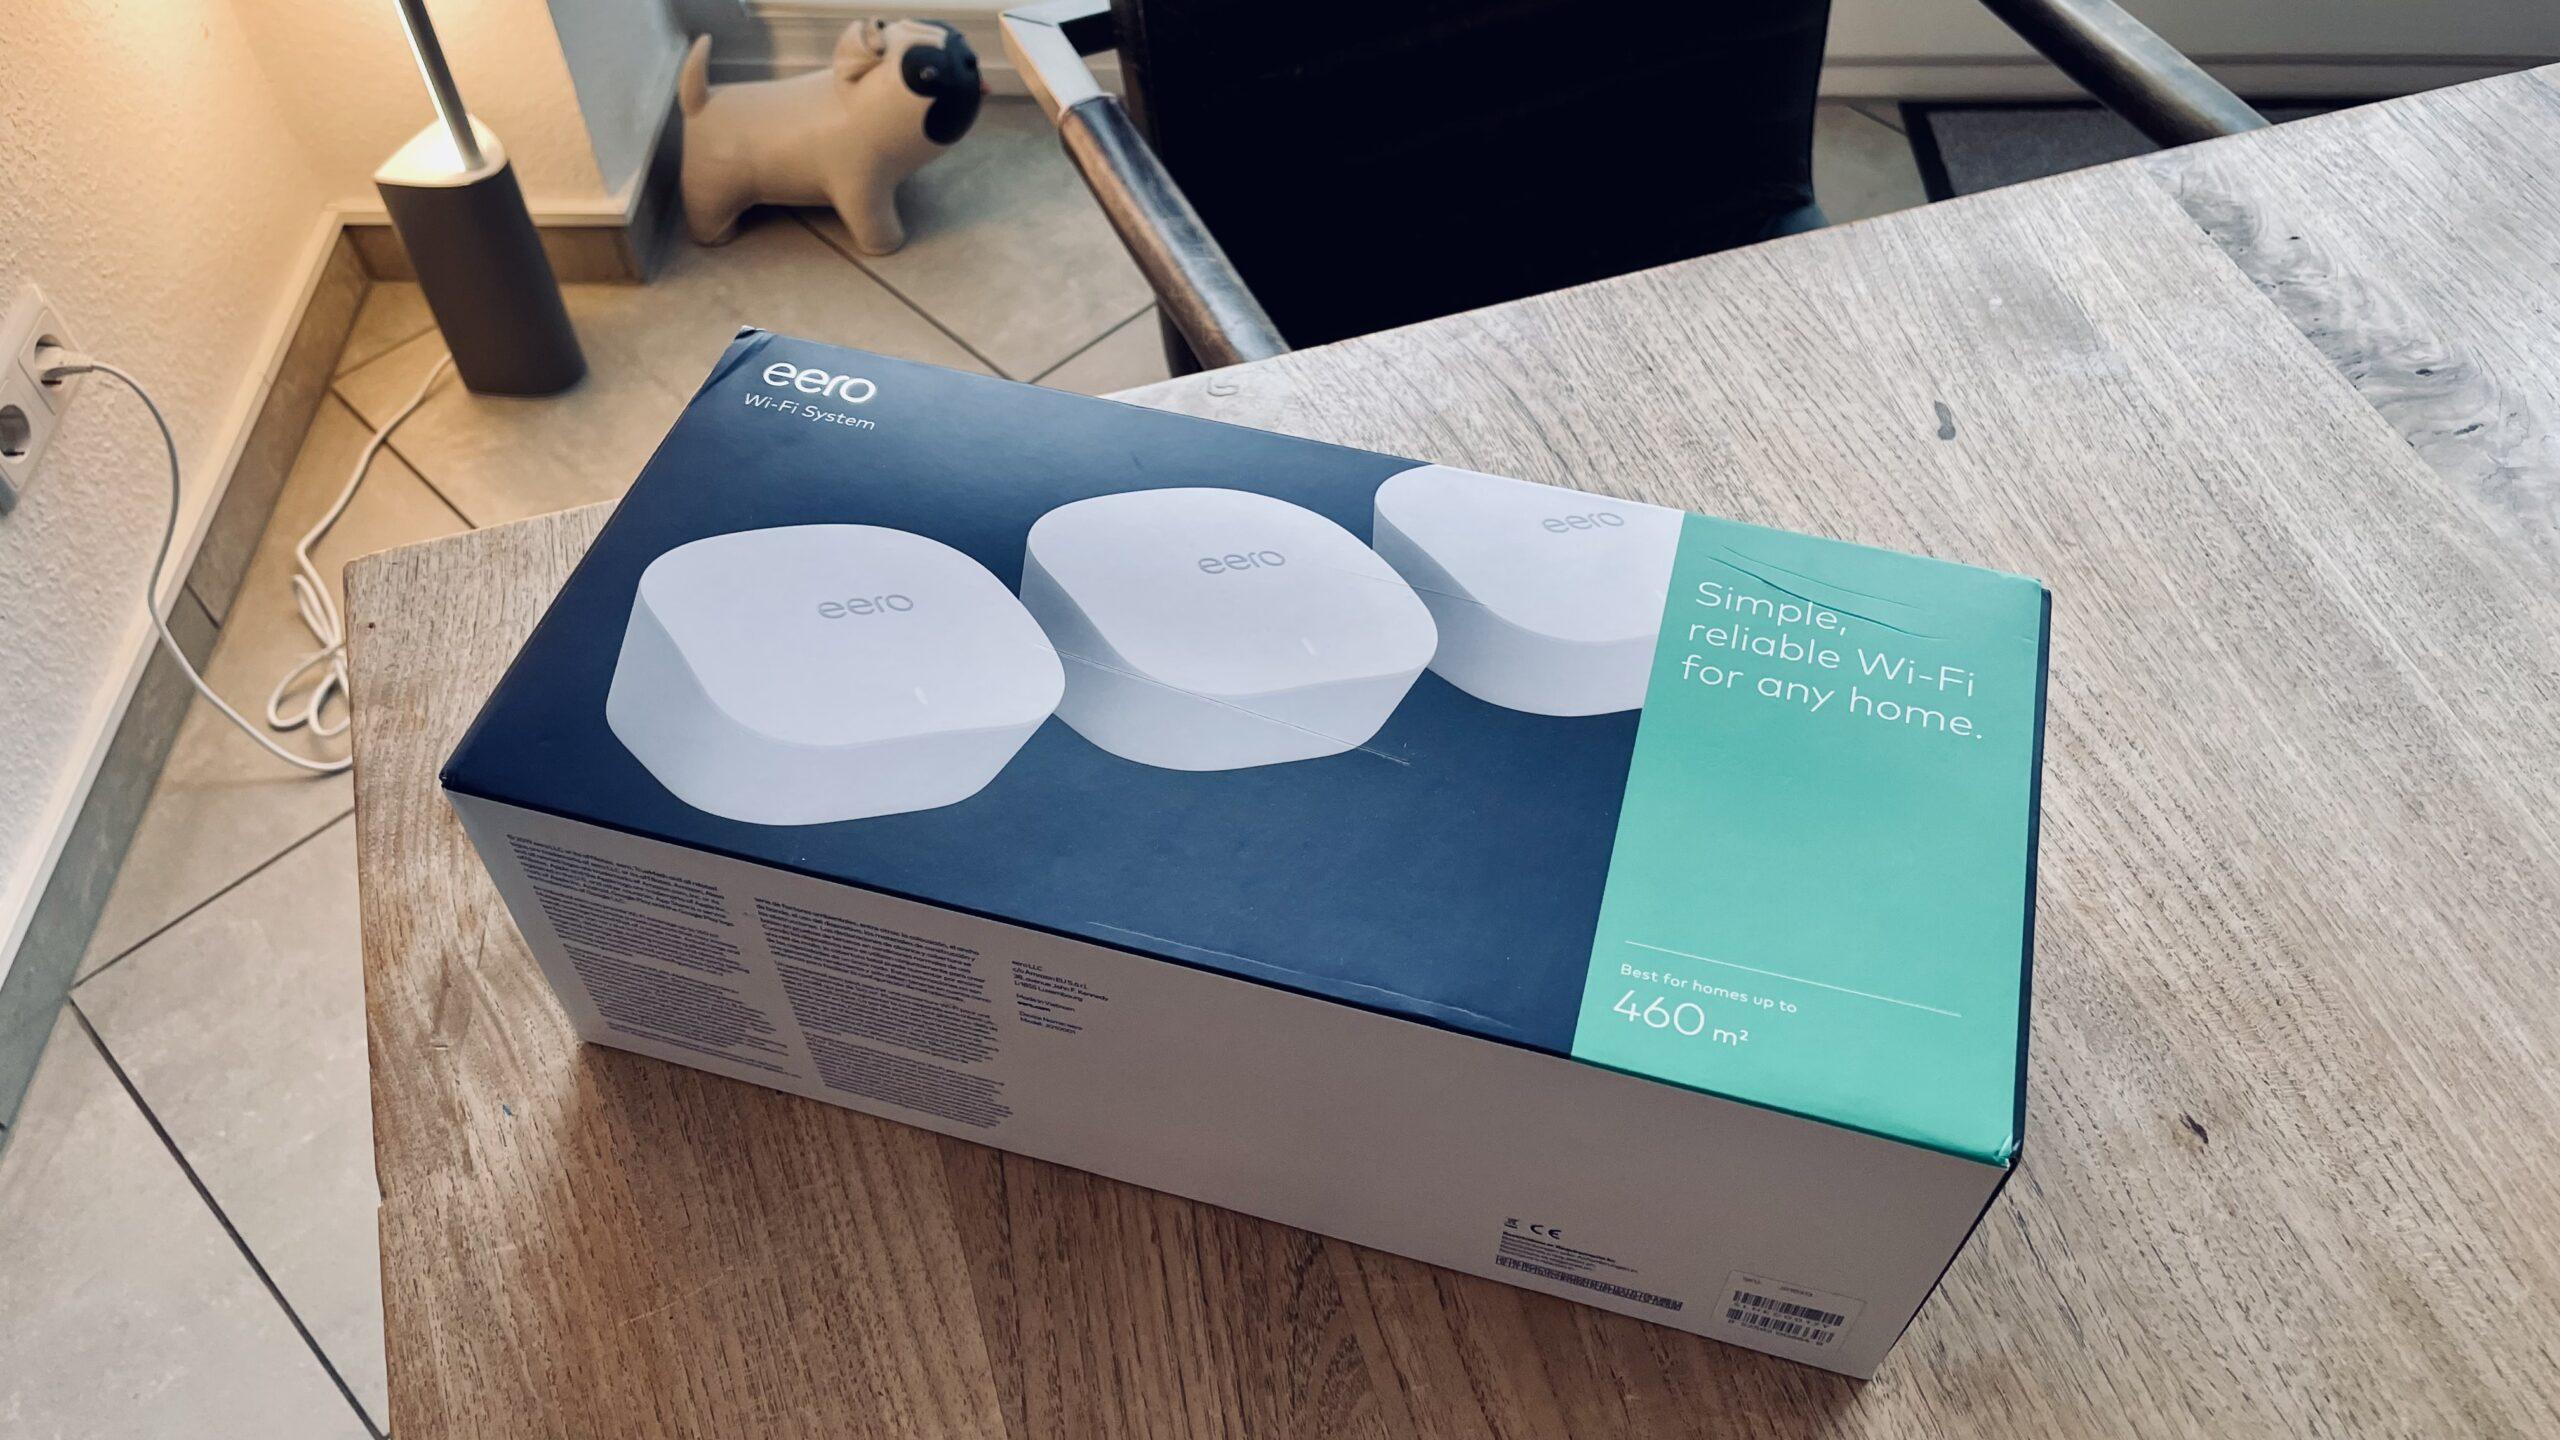 Amazon eero WLAN WiFI 6 System